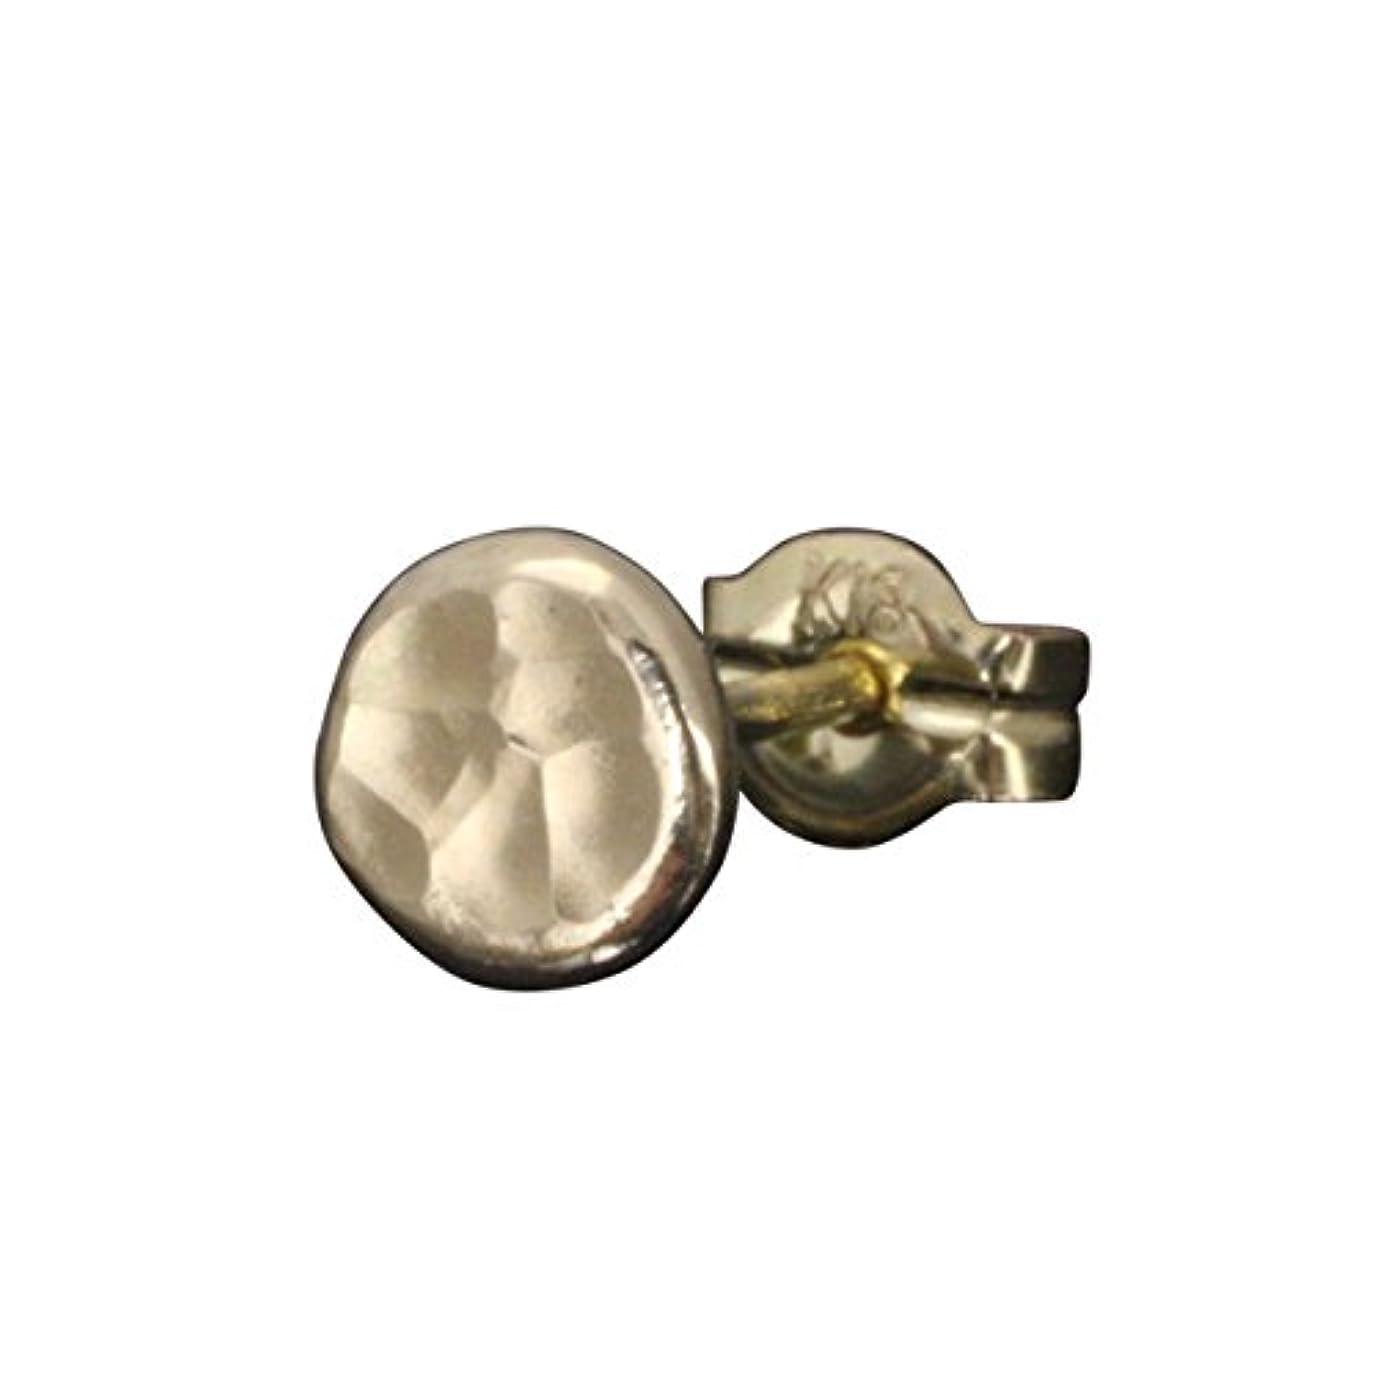 命令的天文学アラブ人龍頭 丸 鎚目 ピアス K18 18金 ゴールド シングル 片耳 槌目 メンズ